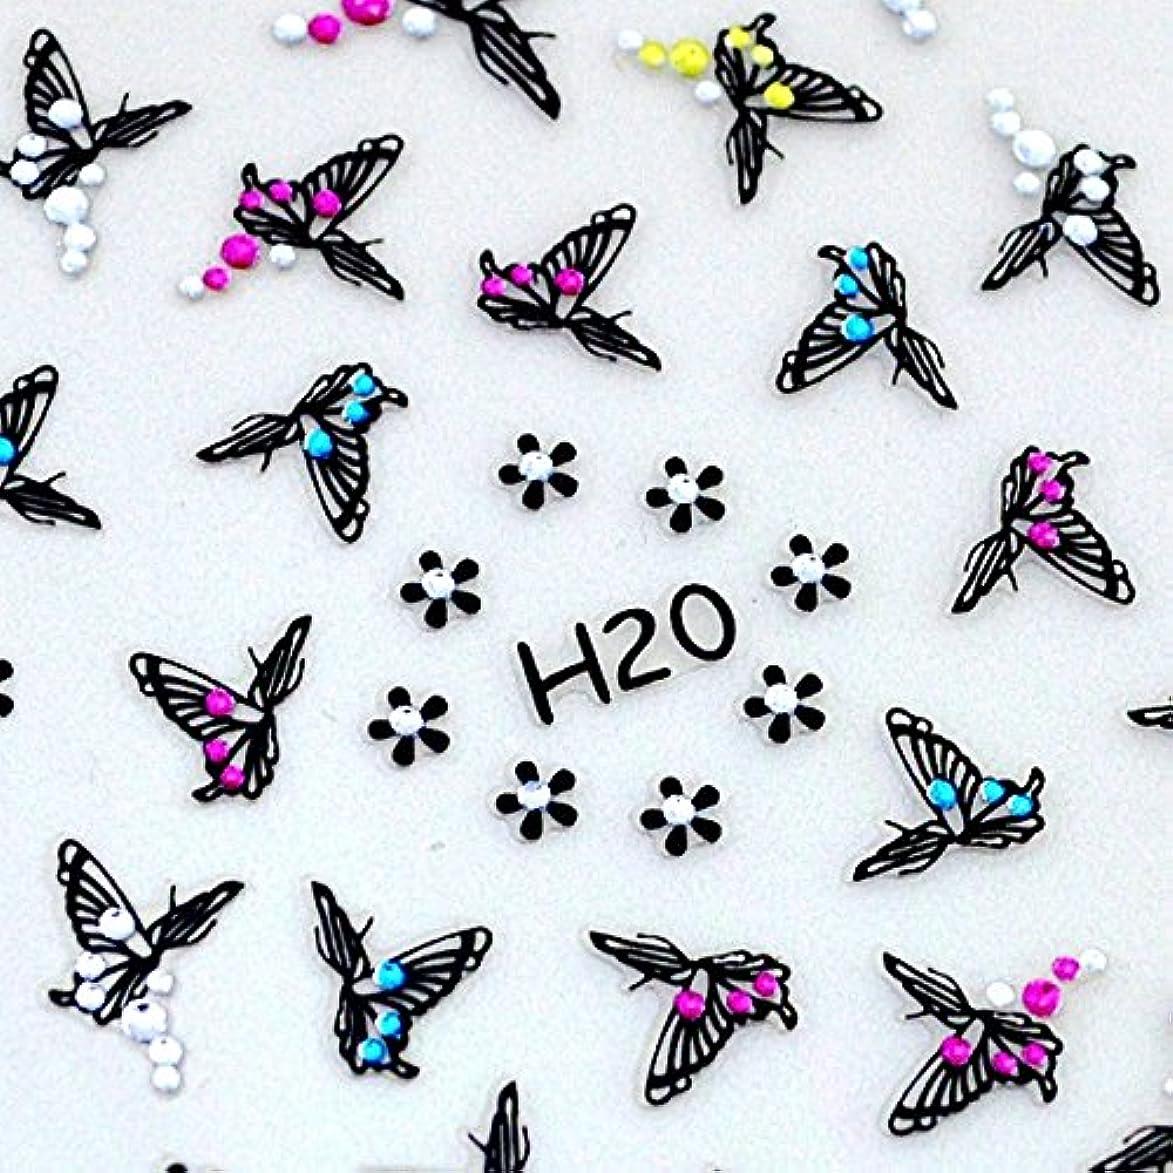 蚊容赦ない不均一Ithern(TM)2PCS 3Dアクリルネイルアートステッカーネイルデコレーションラインストーンステッカー美容ツールバタフライデザインH020